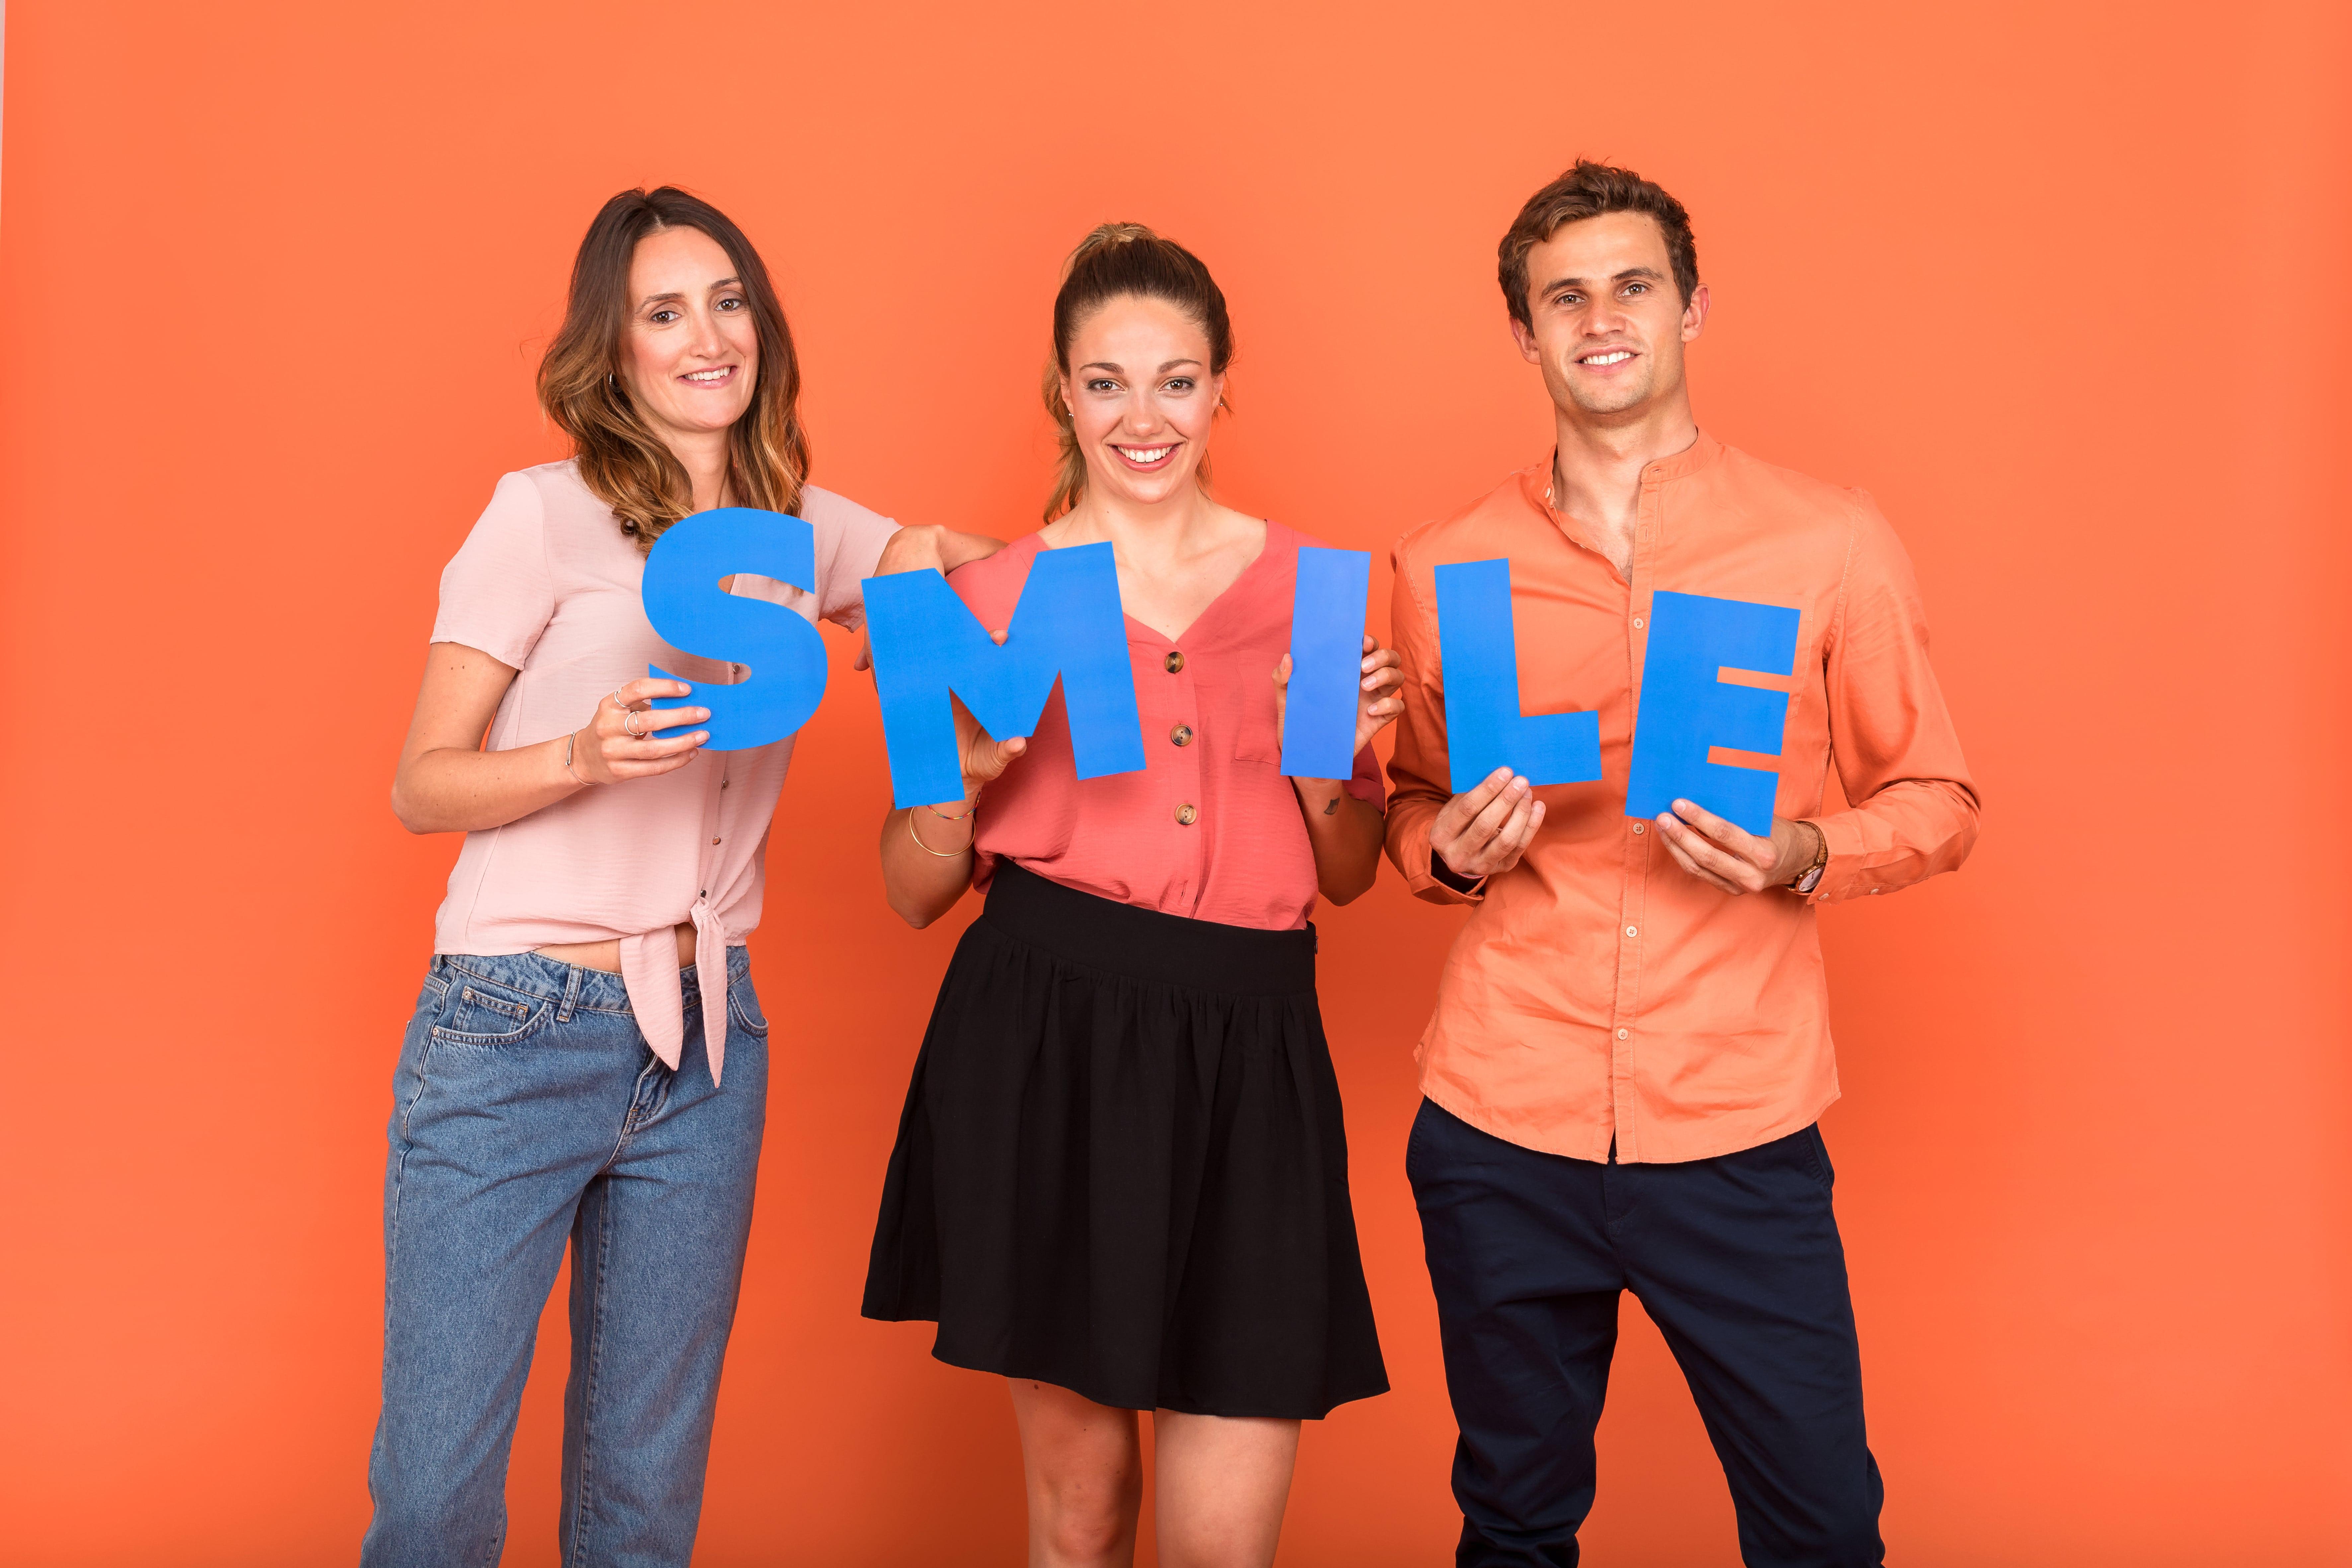 Deux femmes et un homme portent des lettres qui forment le mot